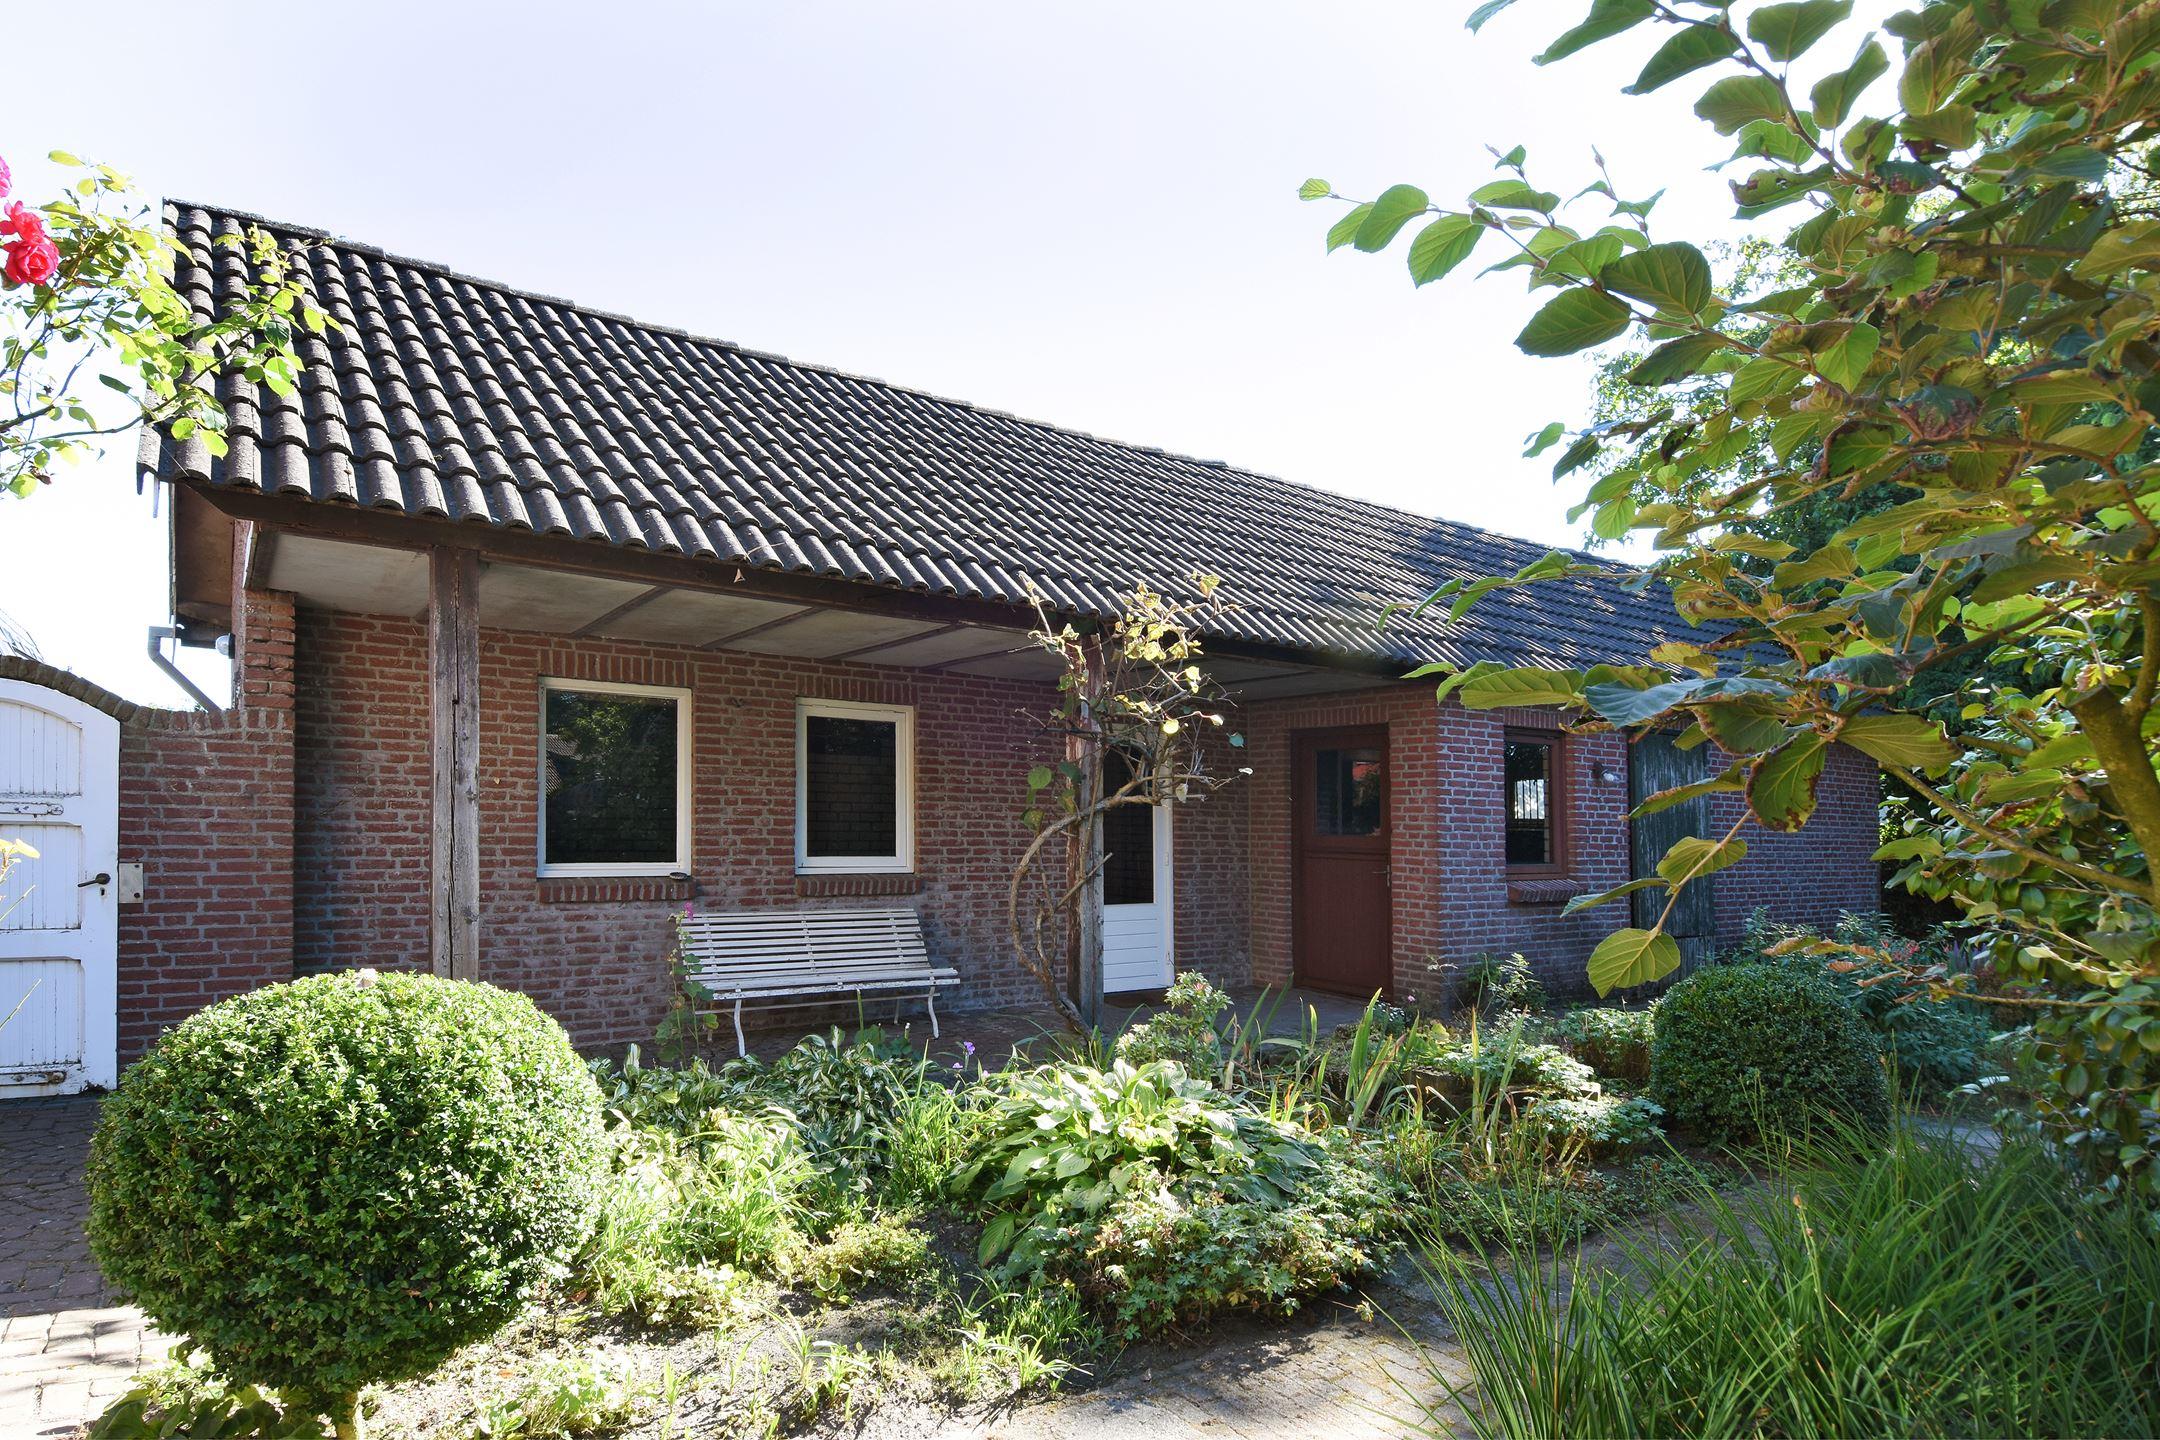 Huis te koop zandstraat 31 5674 nm nuenen funda for Huis en tuin nuenen